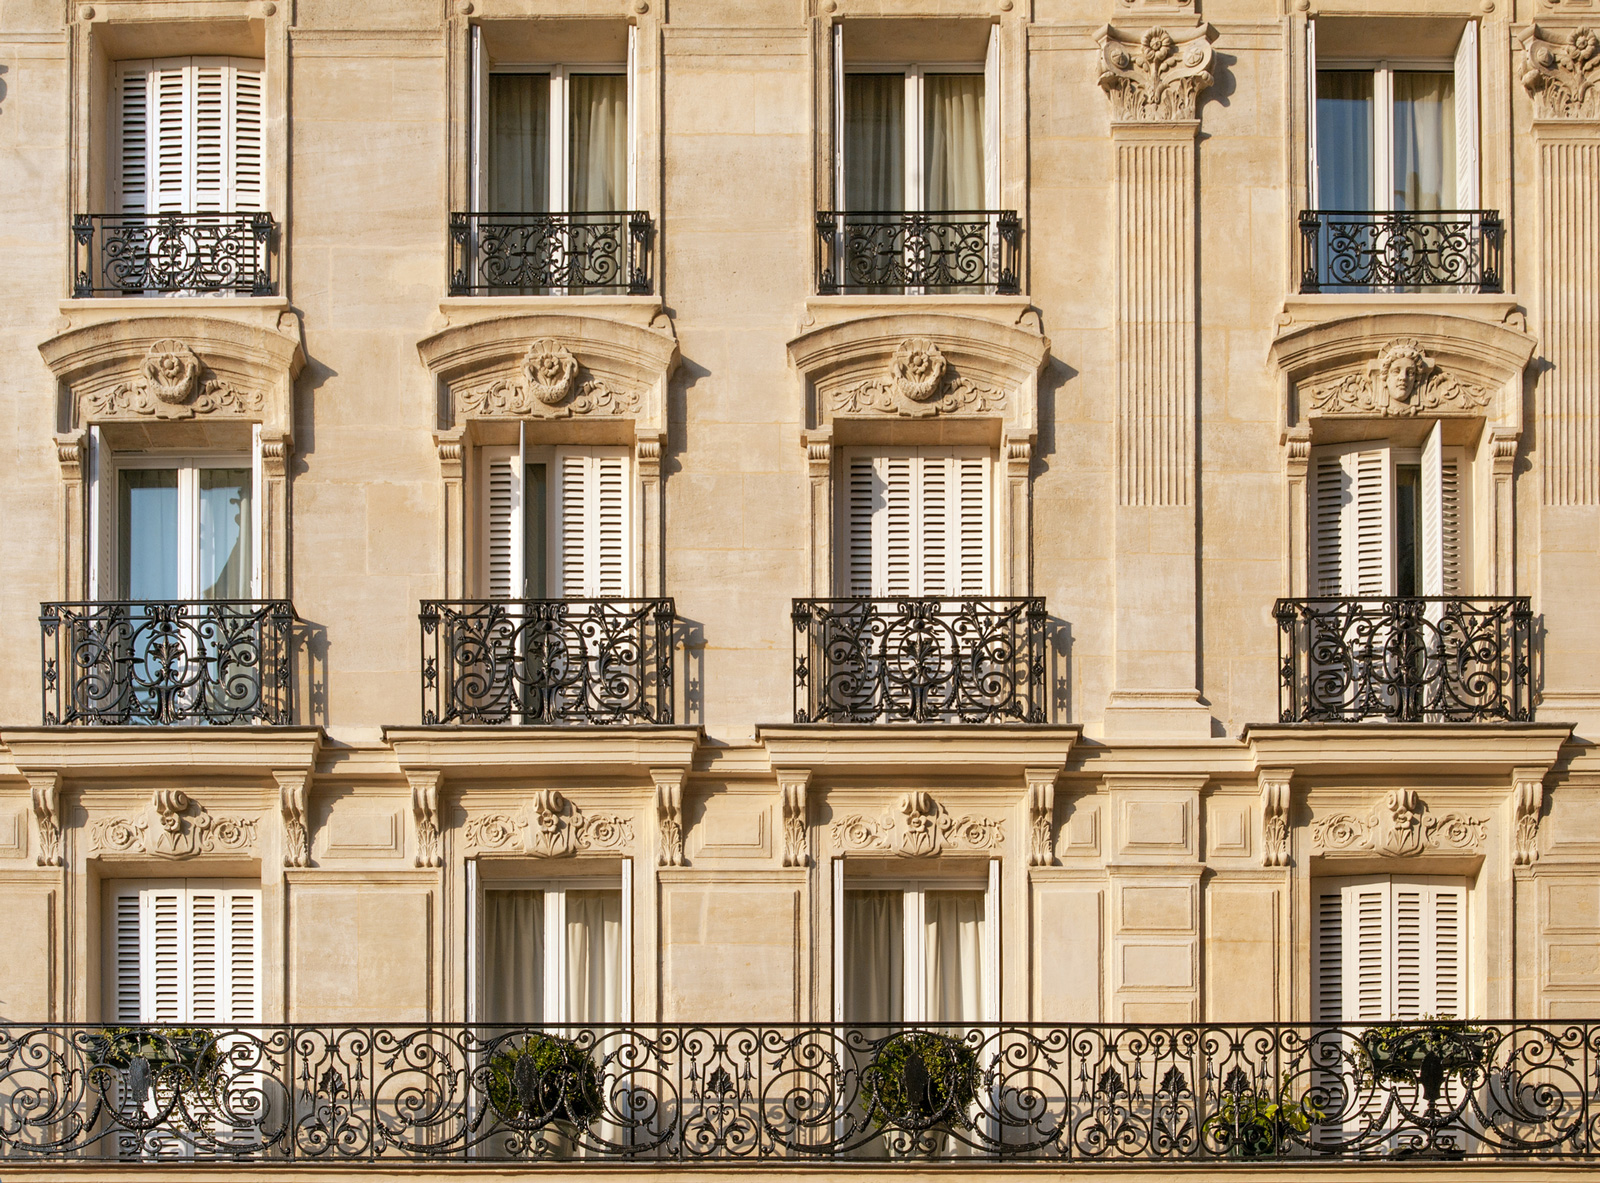 Bodentiefe Fenster sind in Frankreich sehr verbreitet.